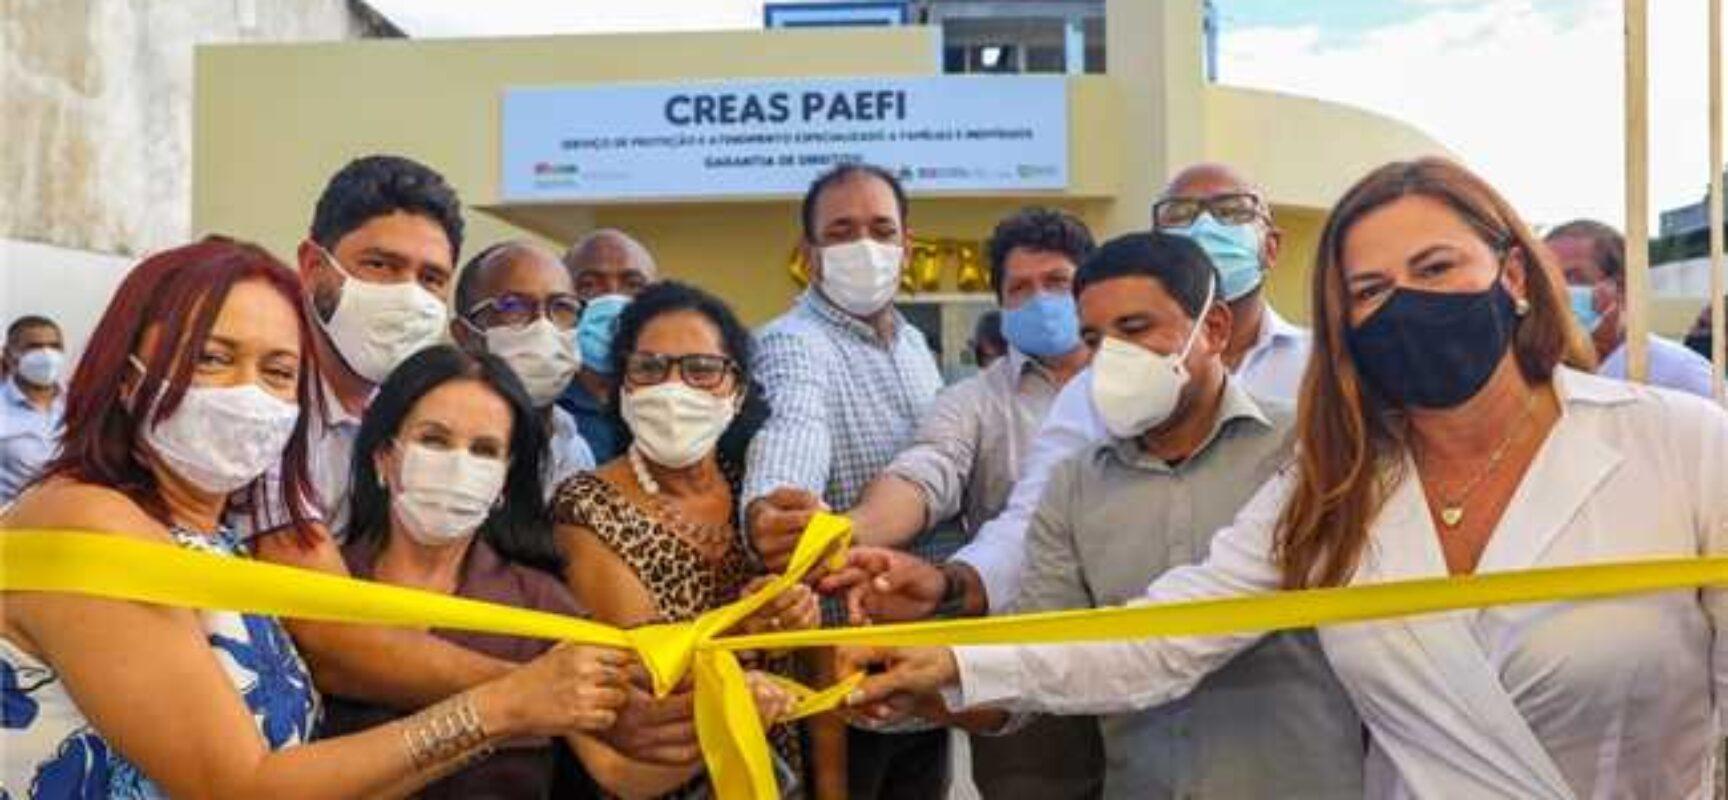 Prefeitura entrega prédio próprio do CREAS-PAEF construído para assistir pessoas vulneráveis